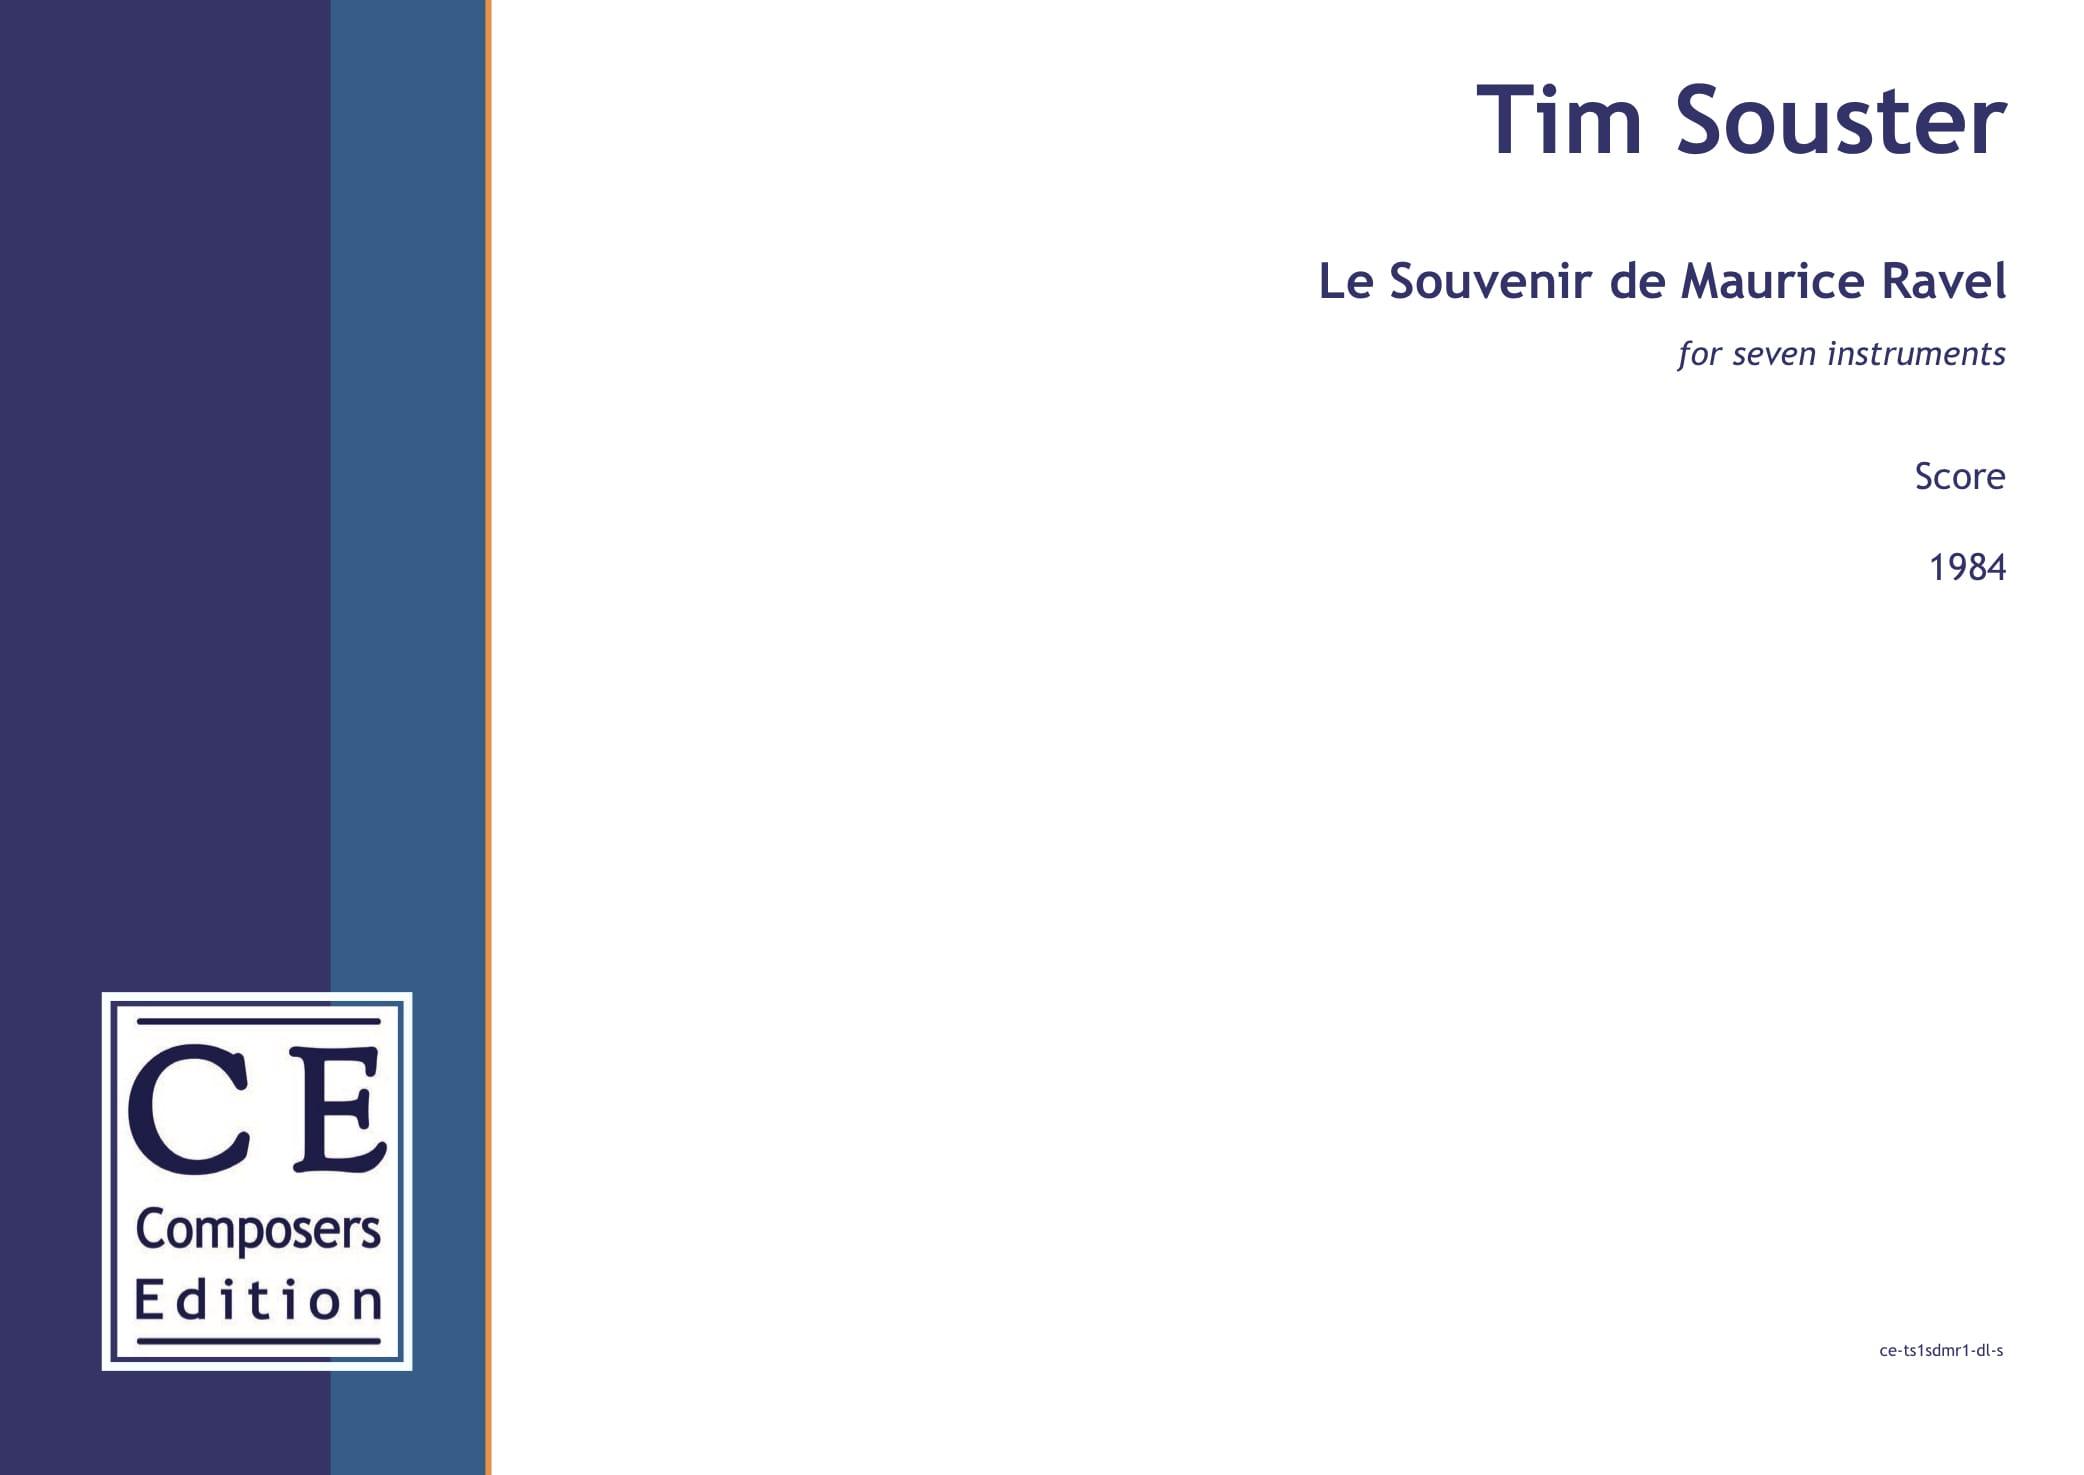 Tim Souster: Le Souvenir de Maurice Ravel for seven instruments